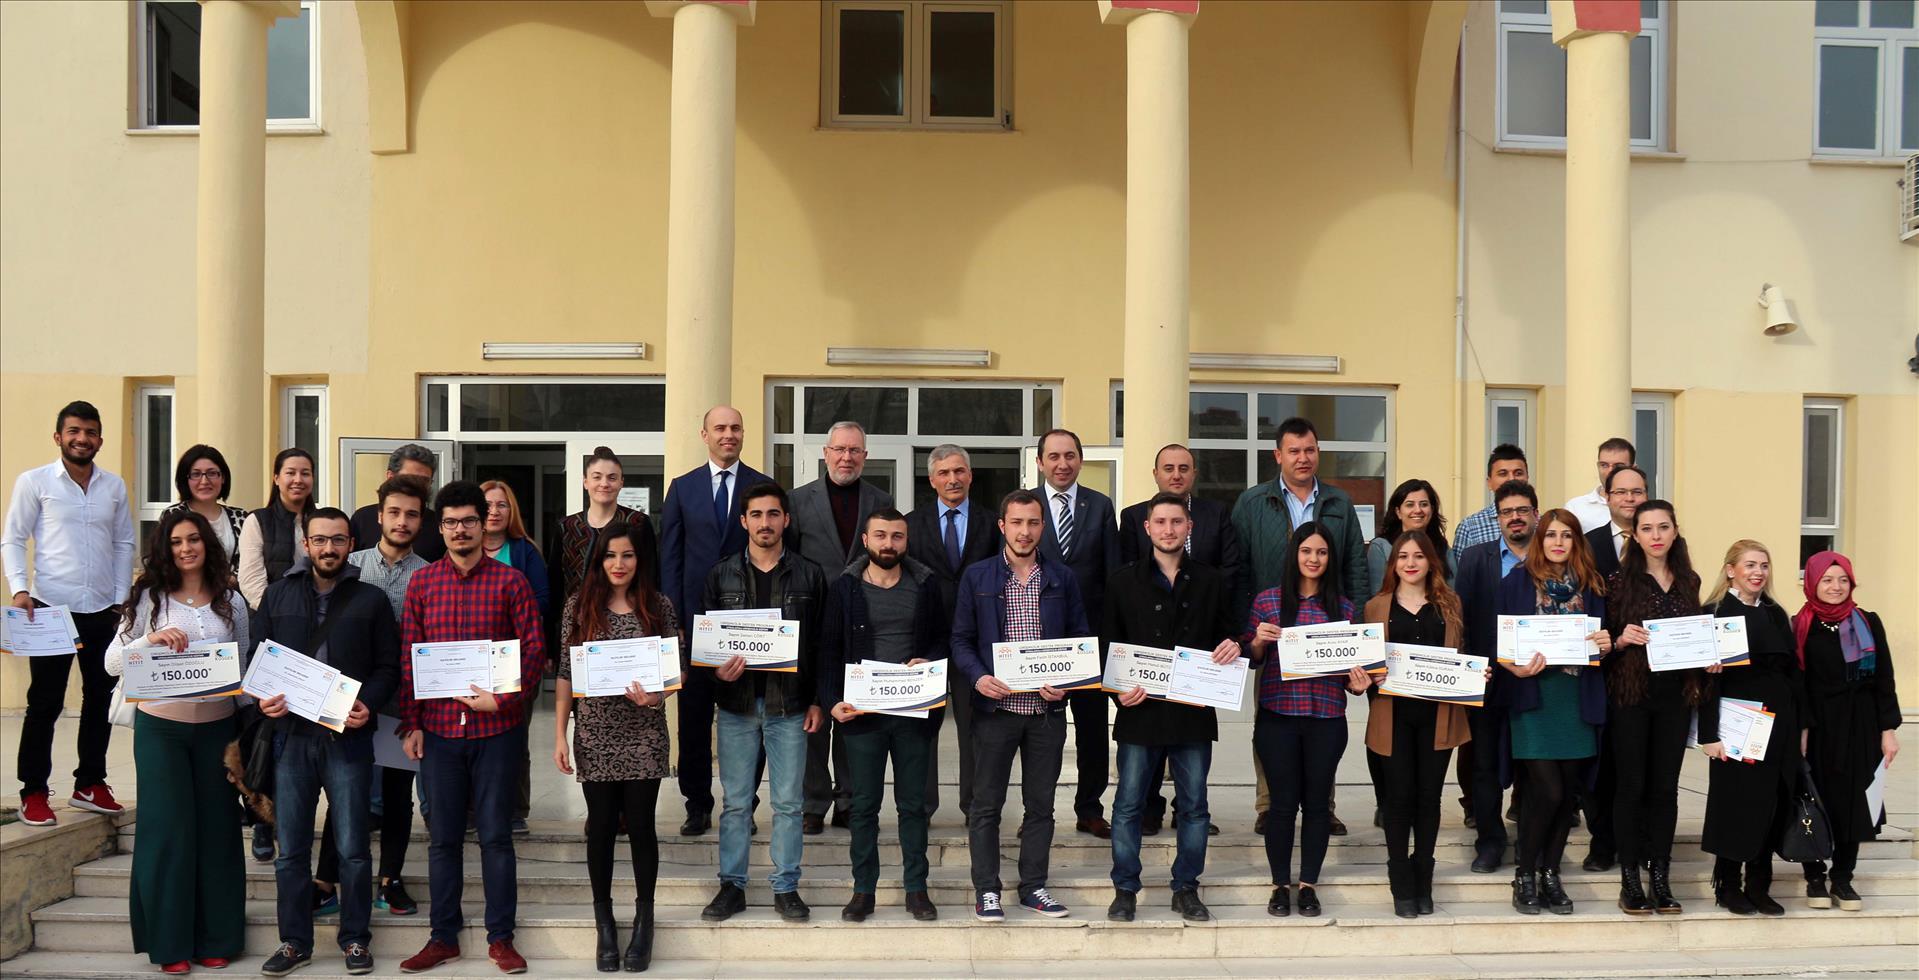 İİBF'de Girişimcilik Sertifikaları Törenle Dağıtıldı